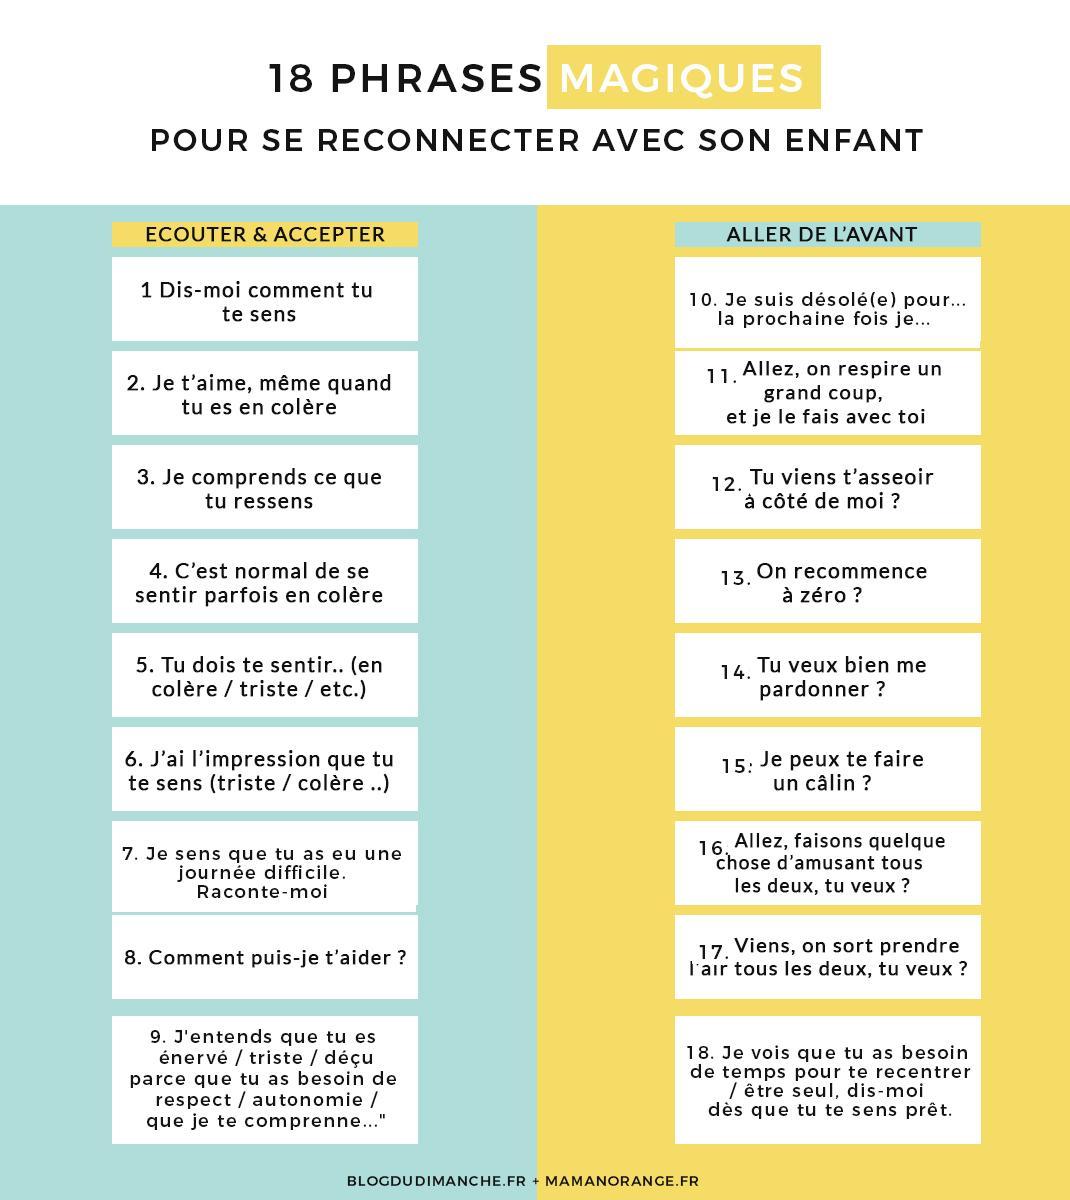 18 phrases magiques pour se reconnecter avec son enfant